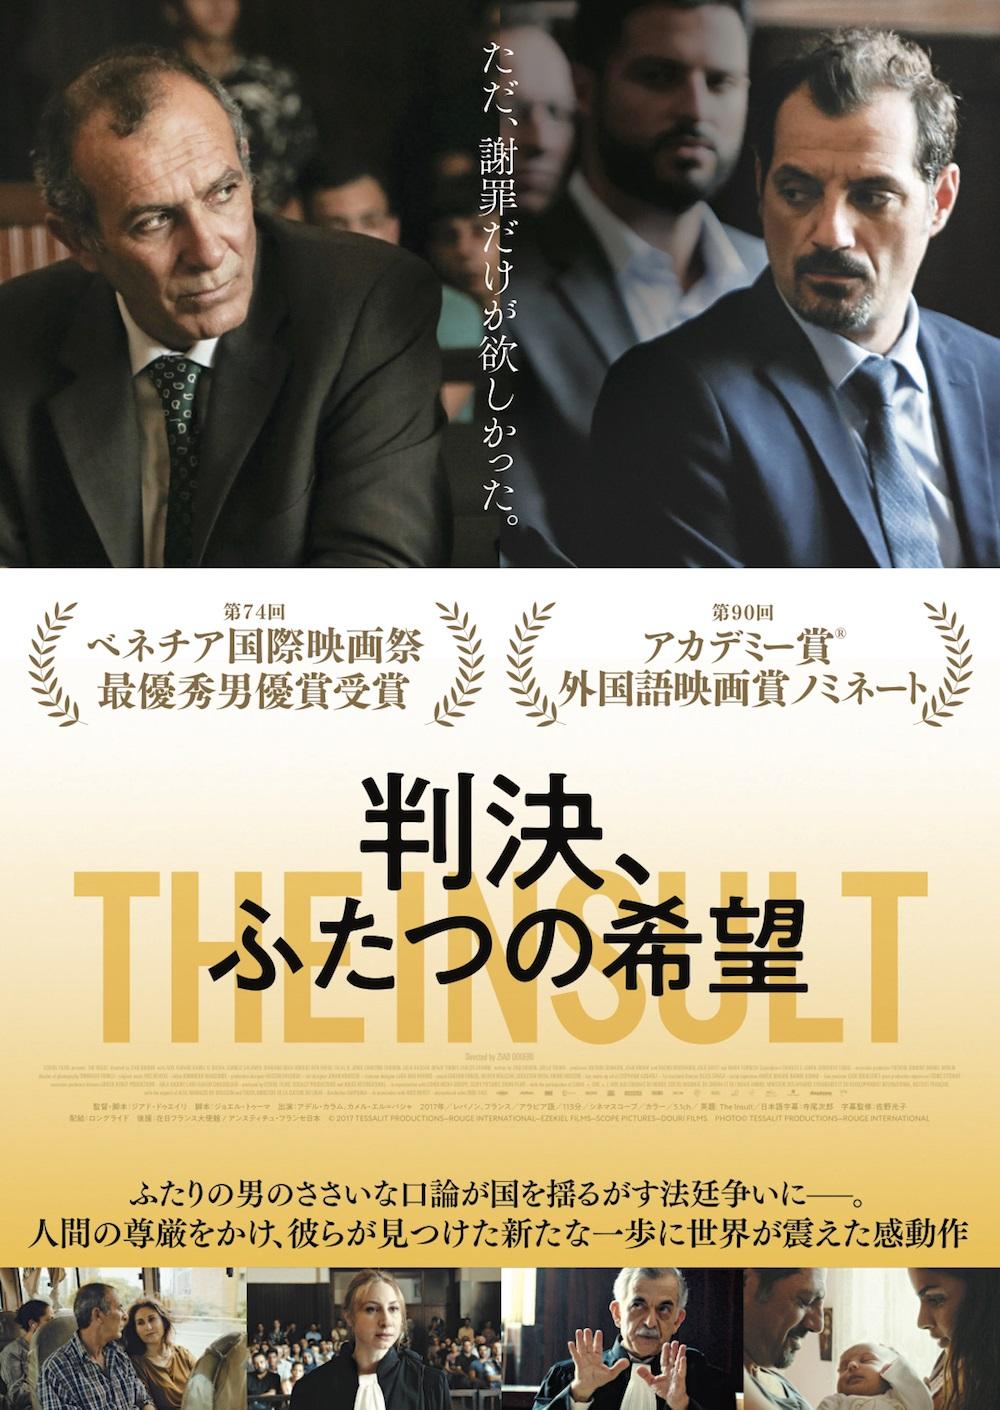 【画像】映画『判決、ふたつの希望』ポスタービジュアル